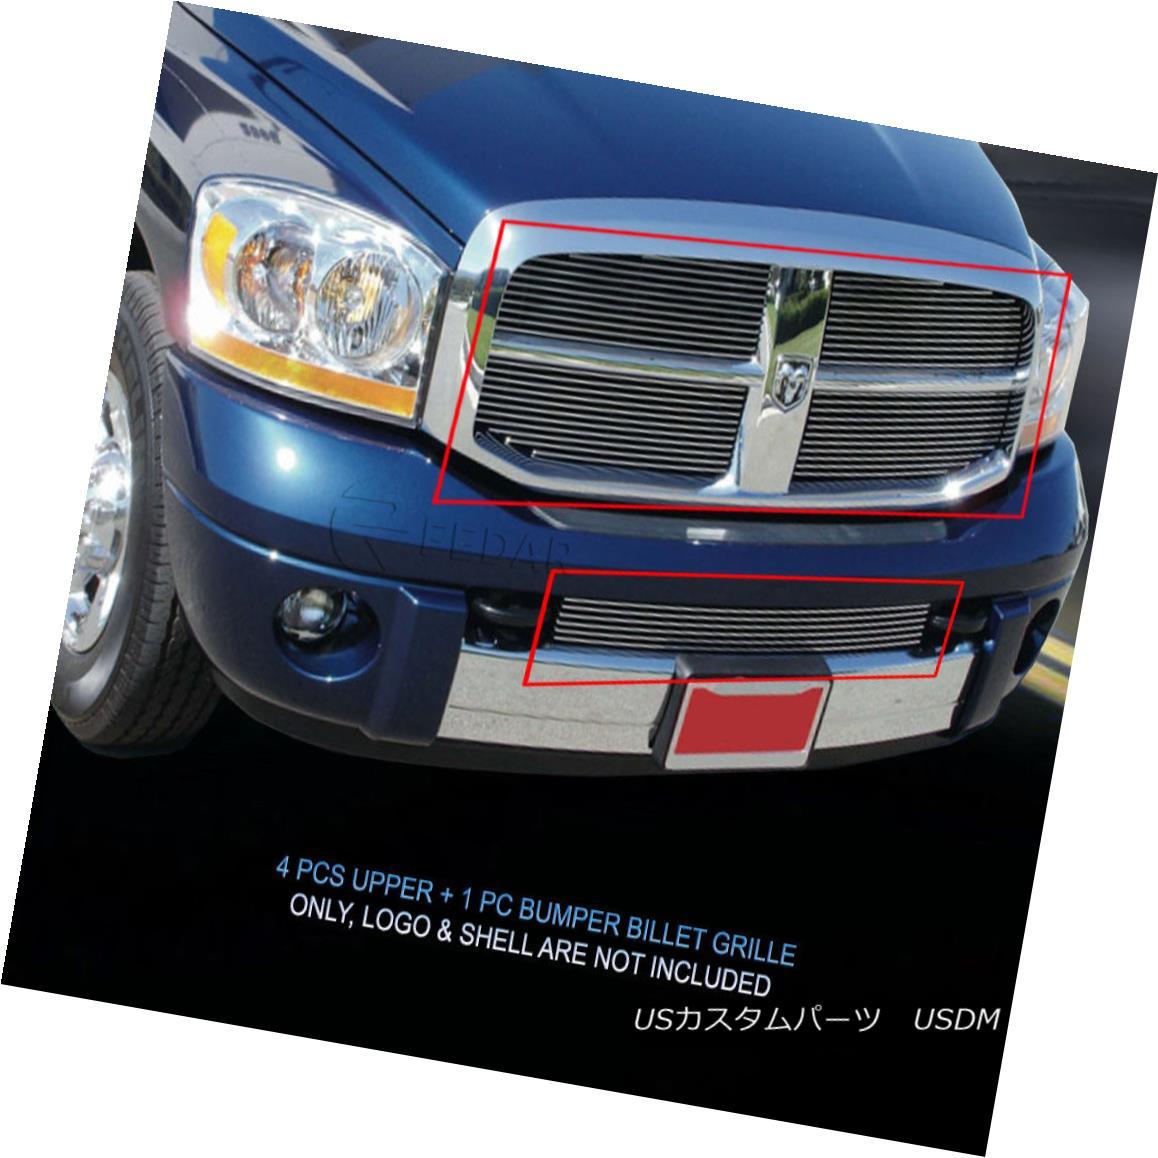 グリル Fits 06-08 Dodge Ram Sport Billet Grille Combo Grill Insert 5 Pcs Fedar フィット06-08ダッジラムスポーツビレットグリルコンボグリルインサート5個入りFedar